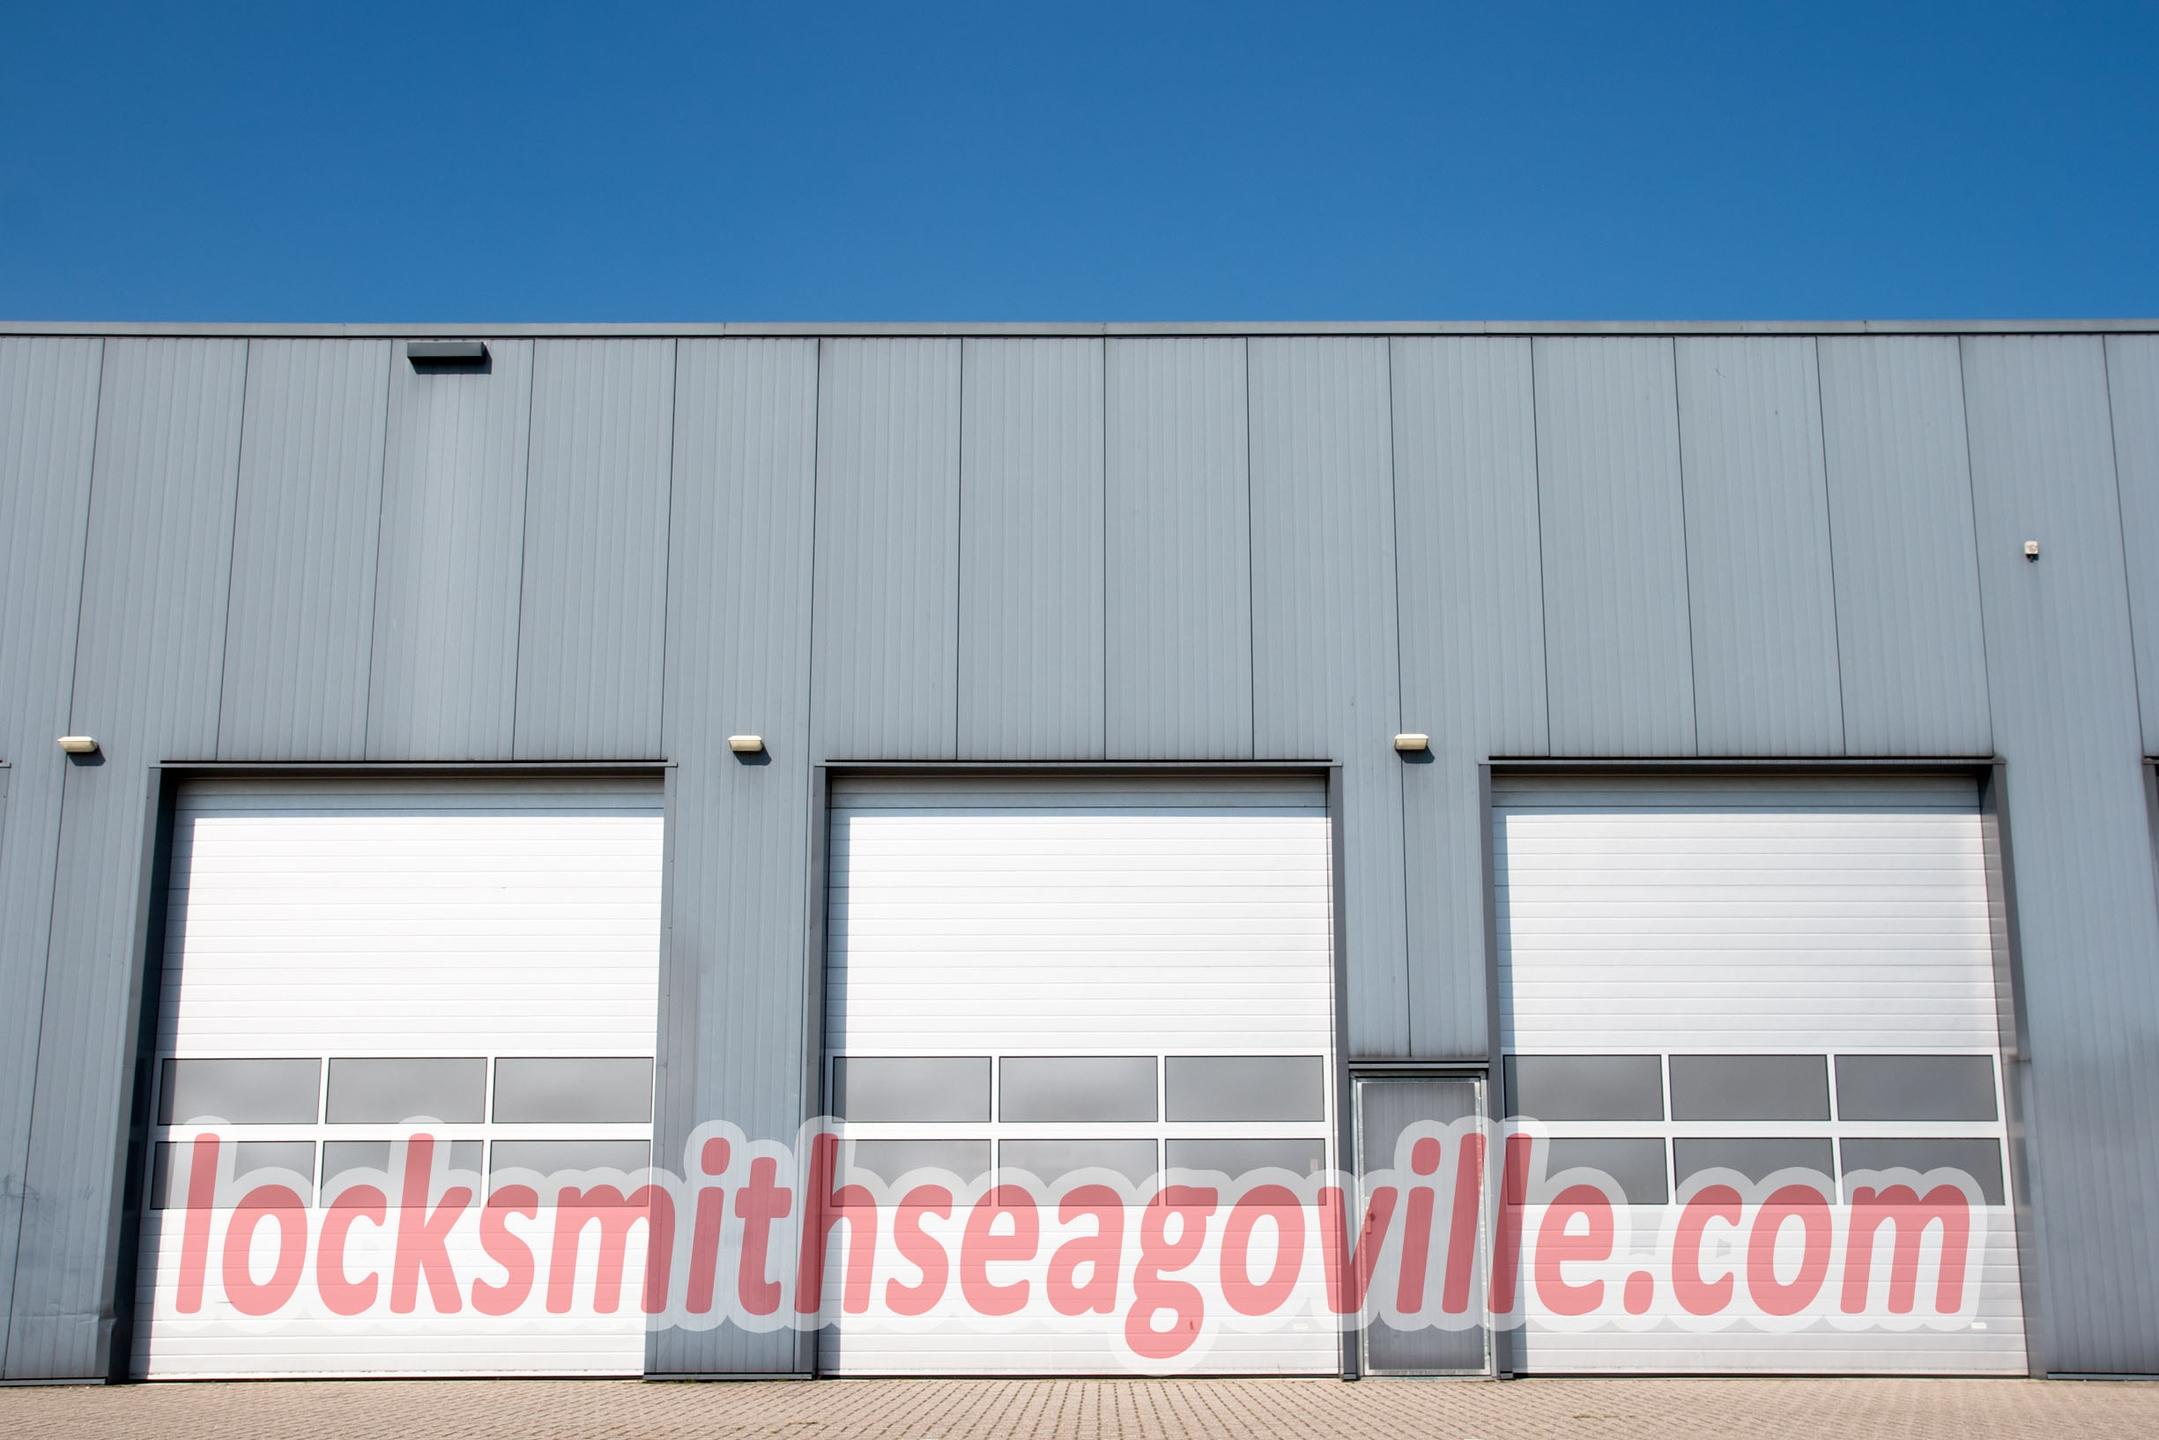 Locksmith In Seagoville (@seagovilleloc) Cover Image